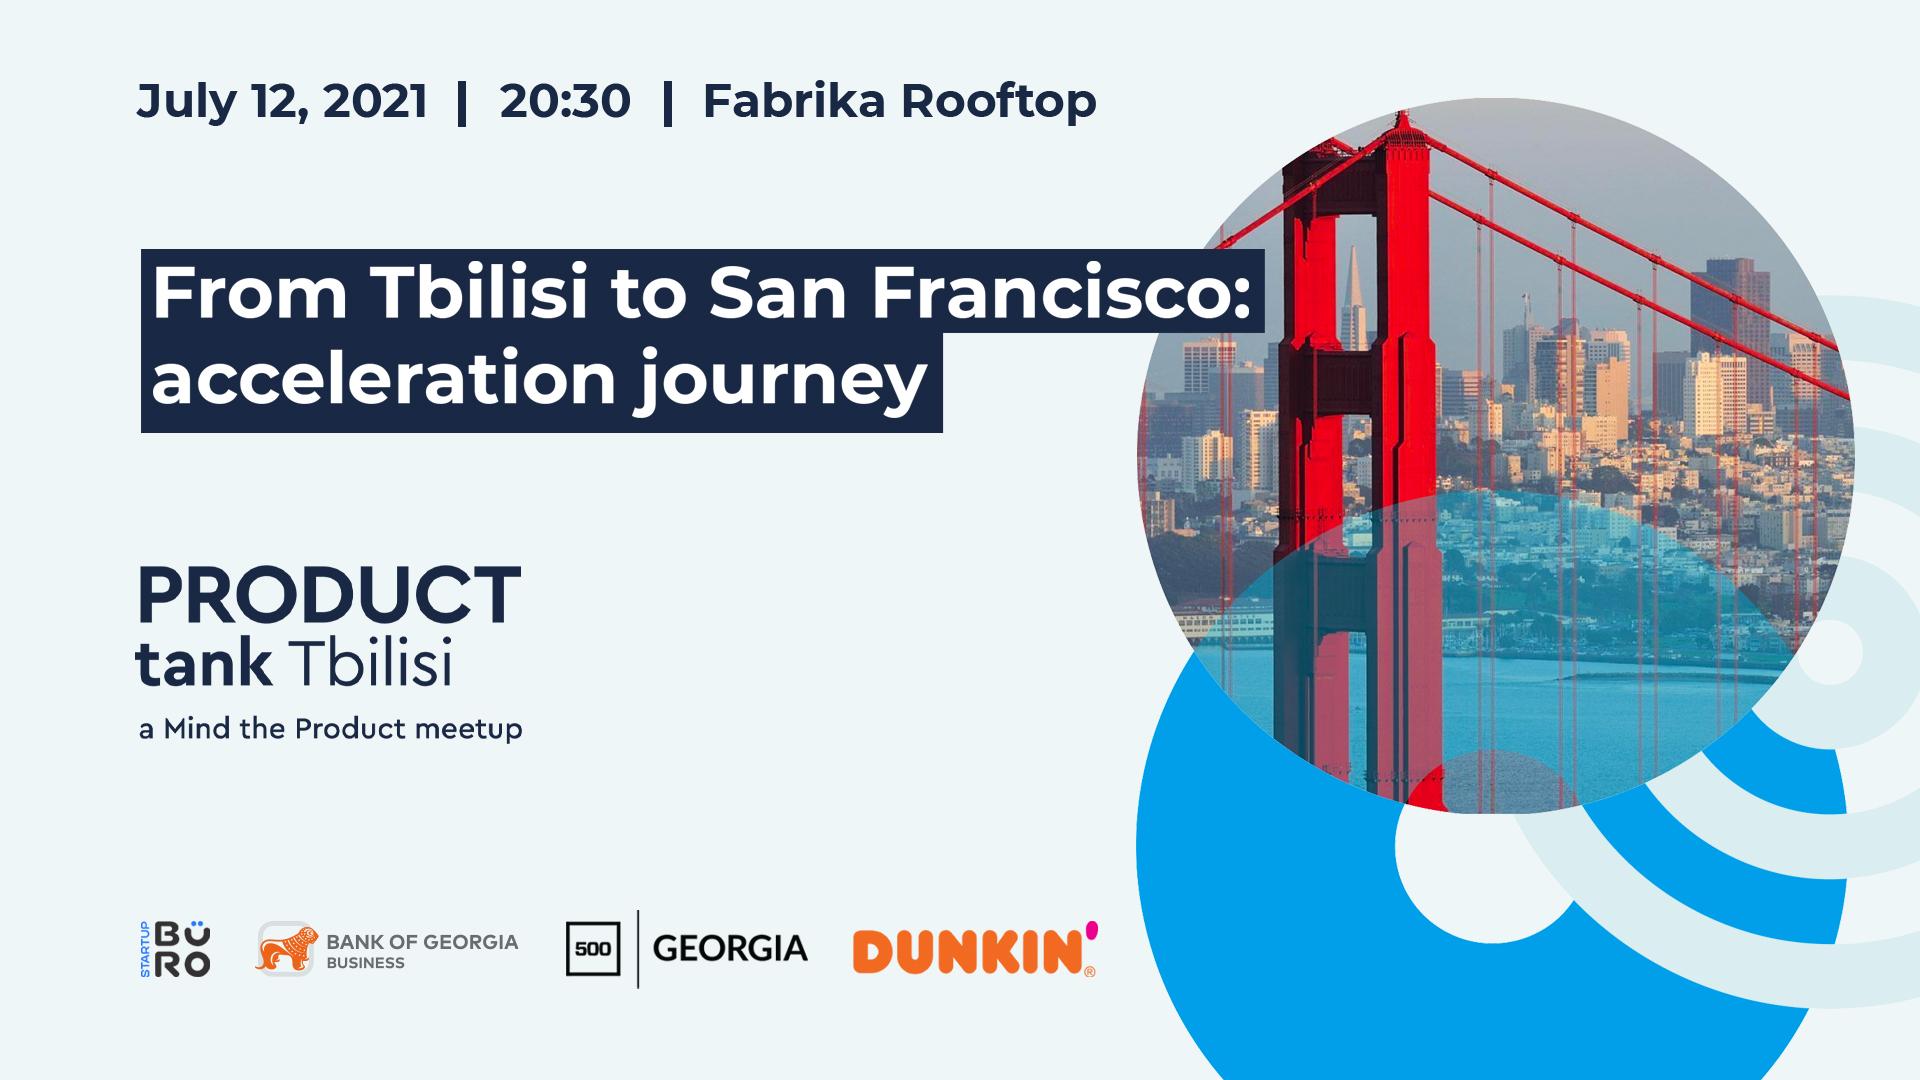 """საქართველოს ბანკის მხარდაჭერით ProductTank-ის მორიგი შეხვედრა """"From Tbilisi to  San Francisco: Acceleration Journey"""" გაიმართება"""